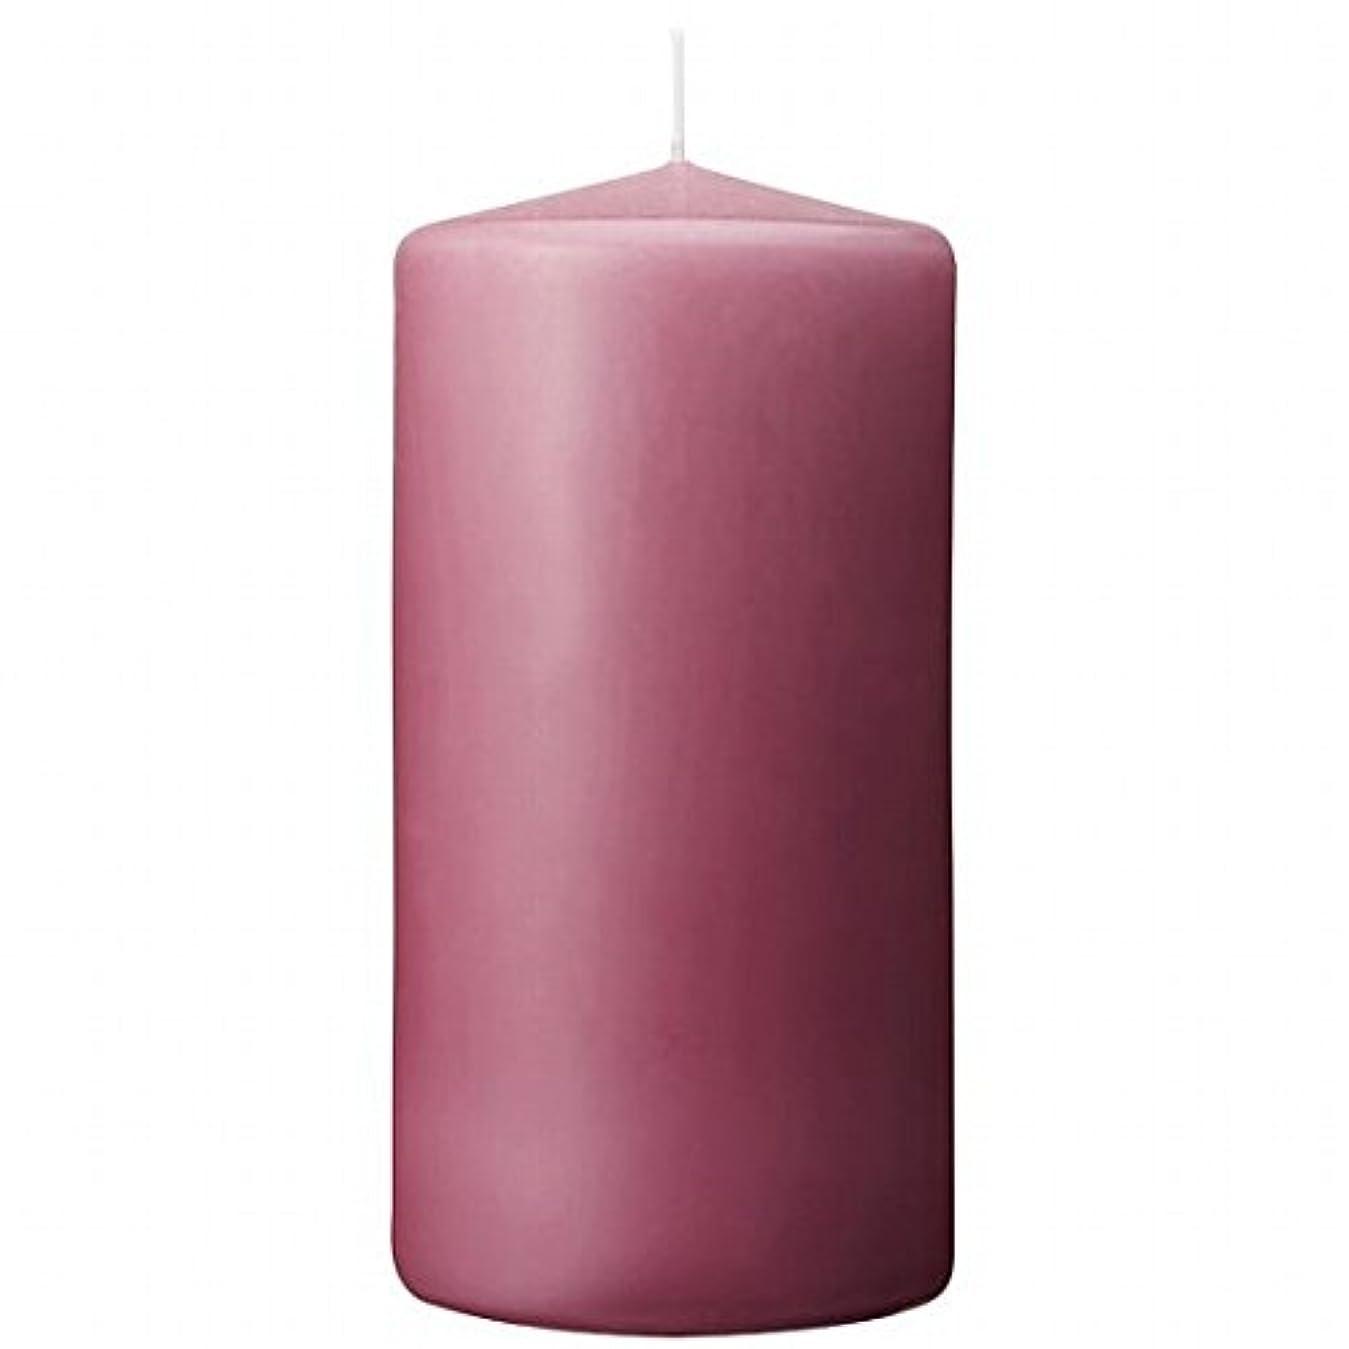 ジュラシックパーク地下鉄法廷カメヤマキャンドル(kameyama candle) 3×6ベルトップピラーキャンドル 「 ラベンダークリーム 」